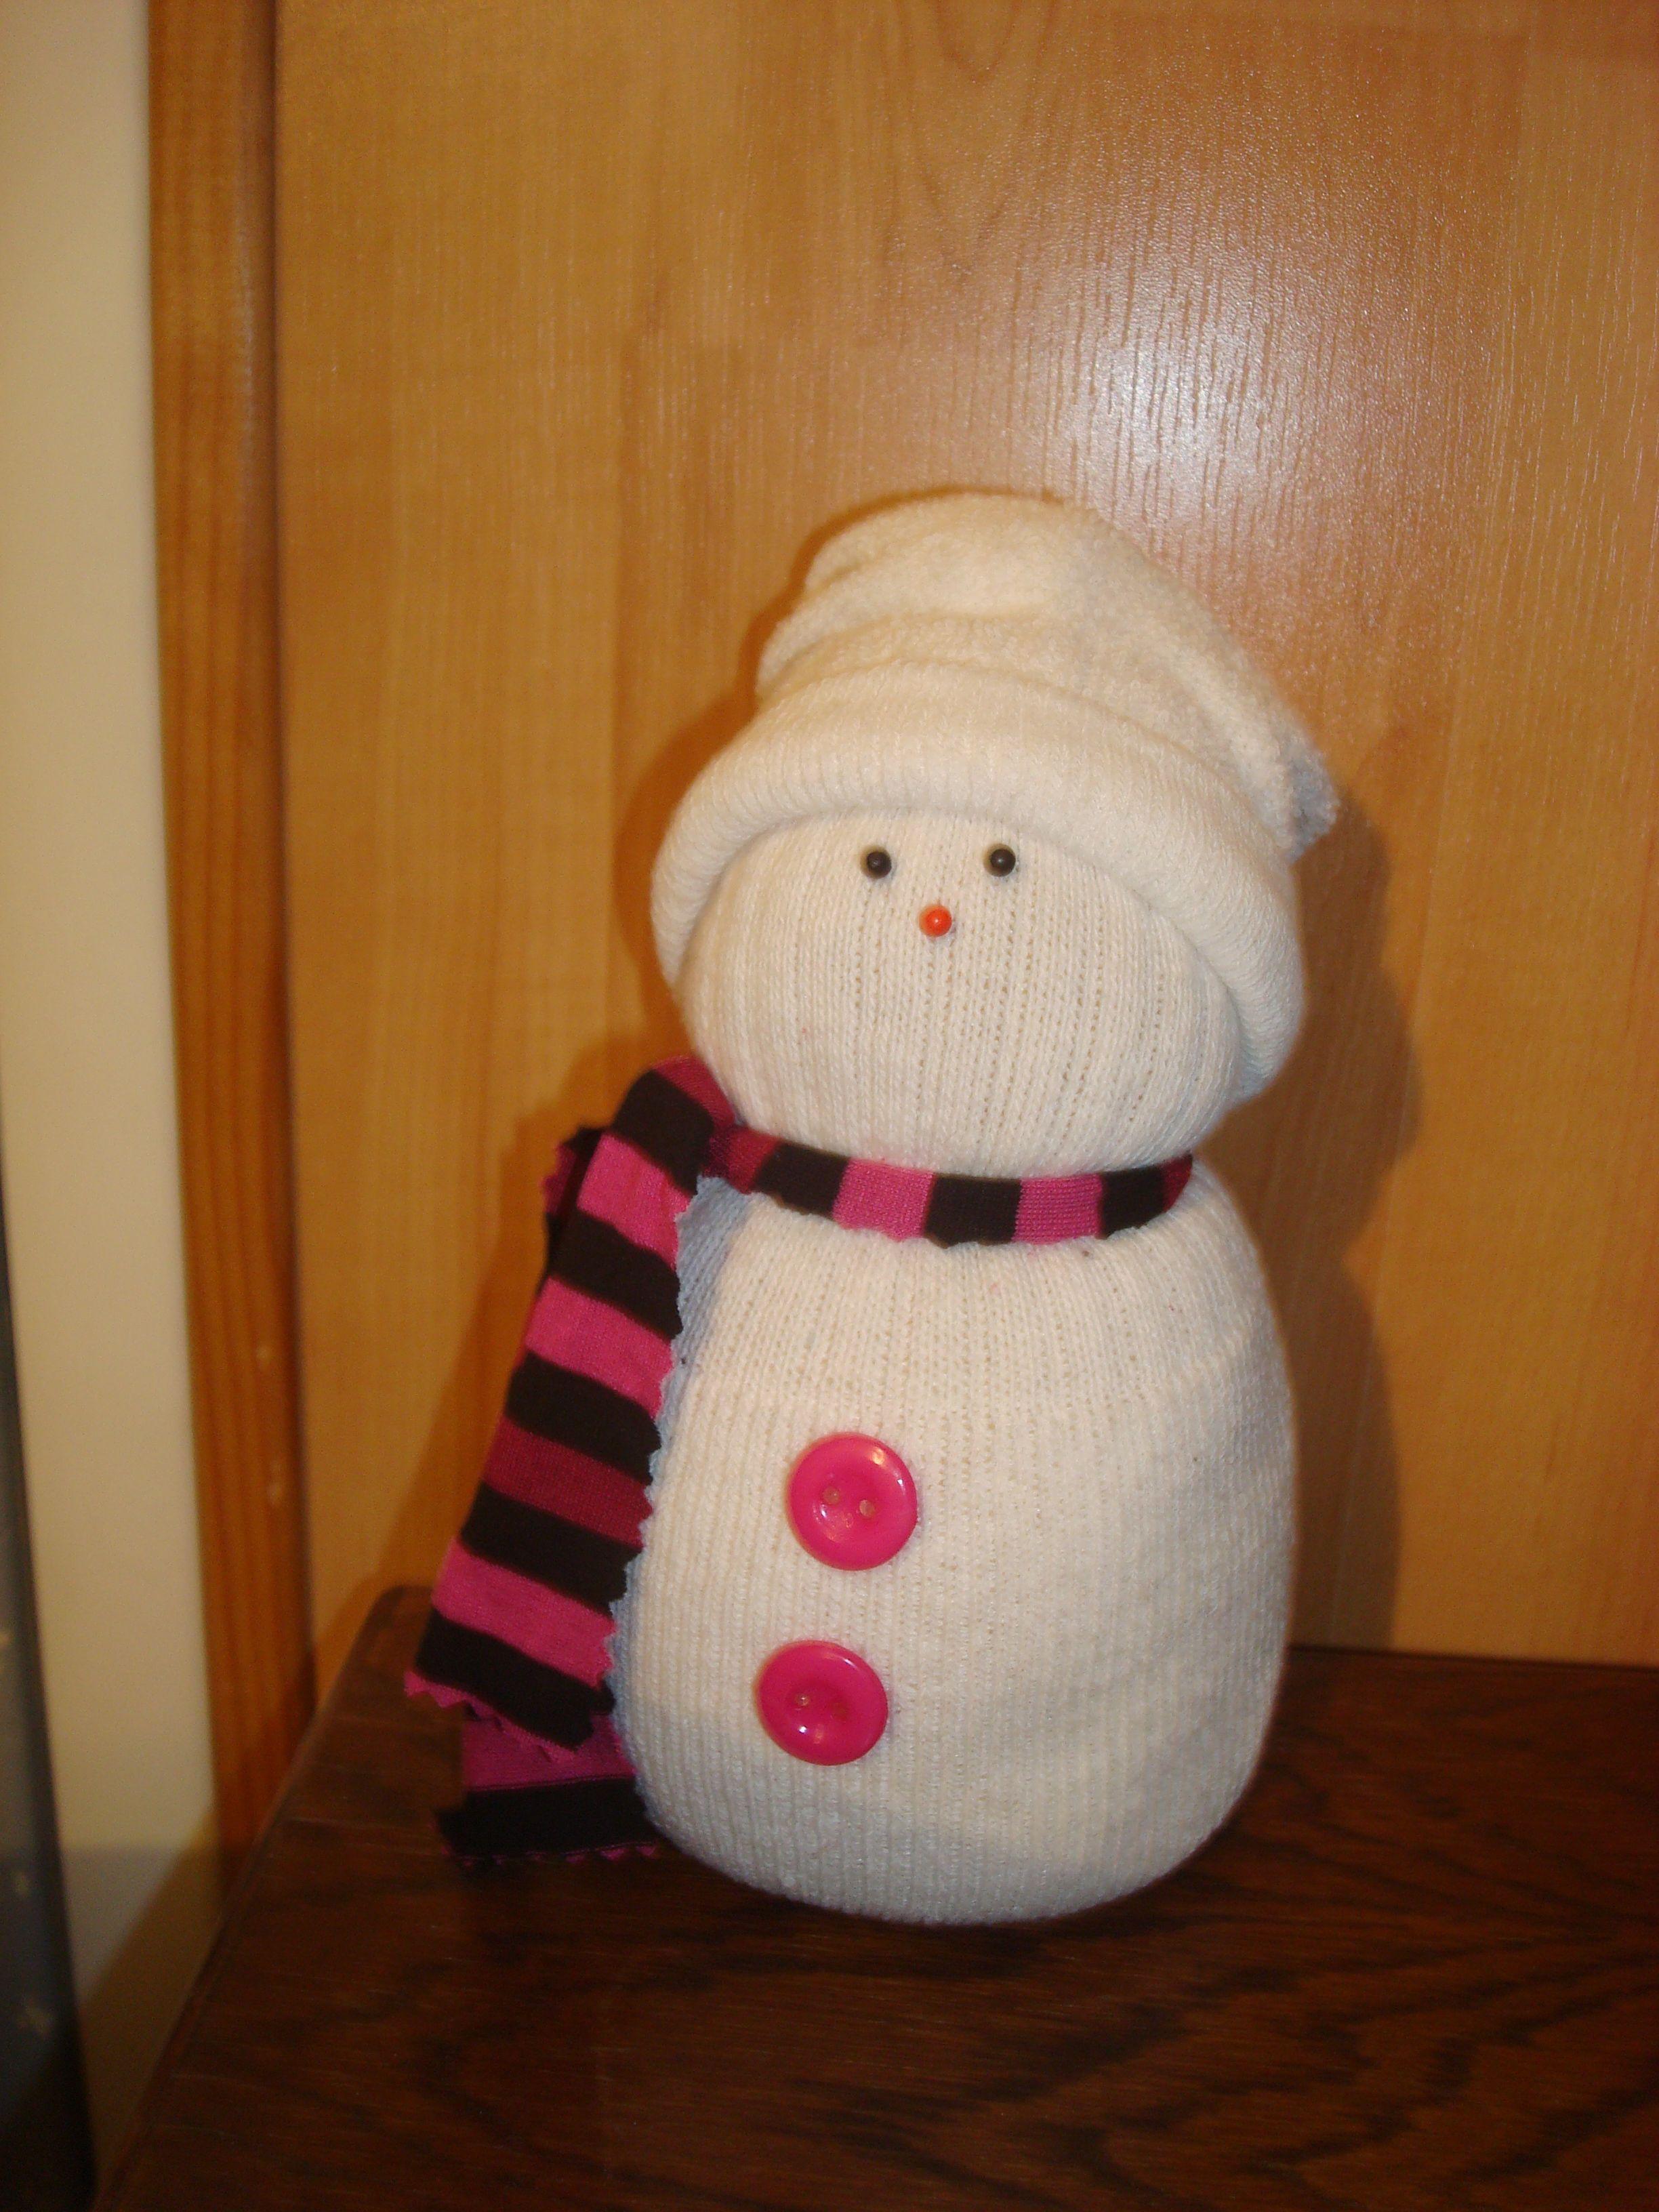 Bonhomme de neige fait avec une chaussette - Bonhomme de neige avec une chaussette ...